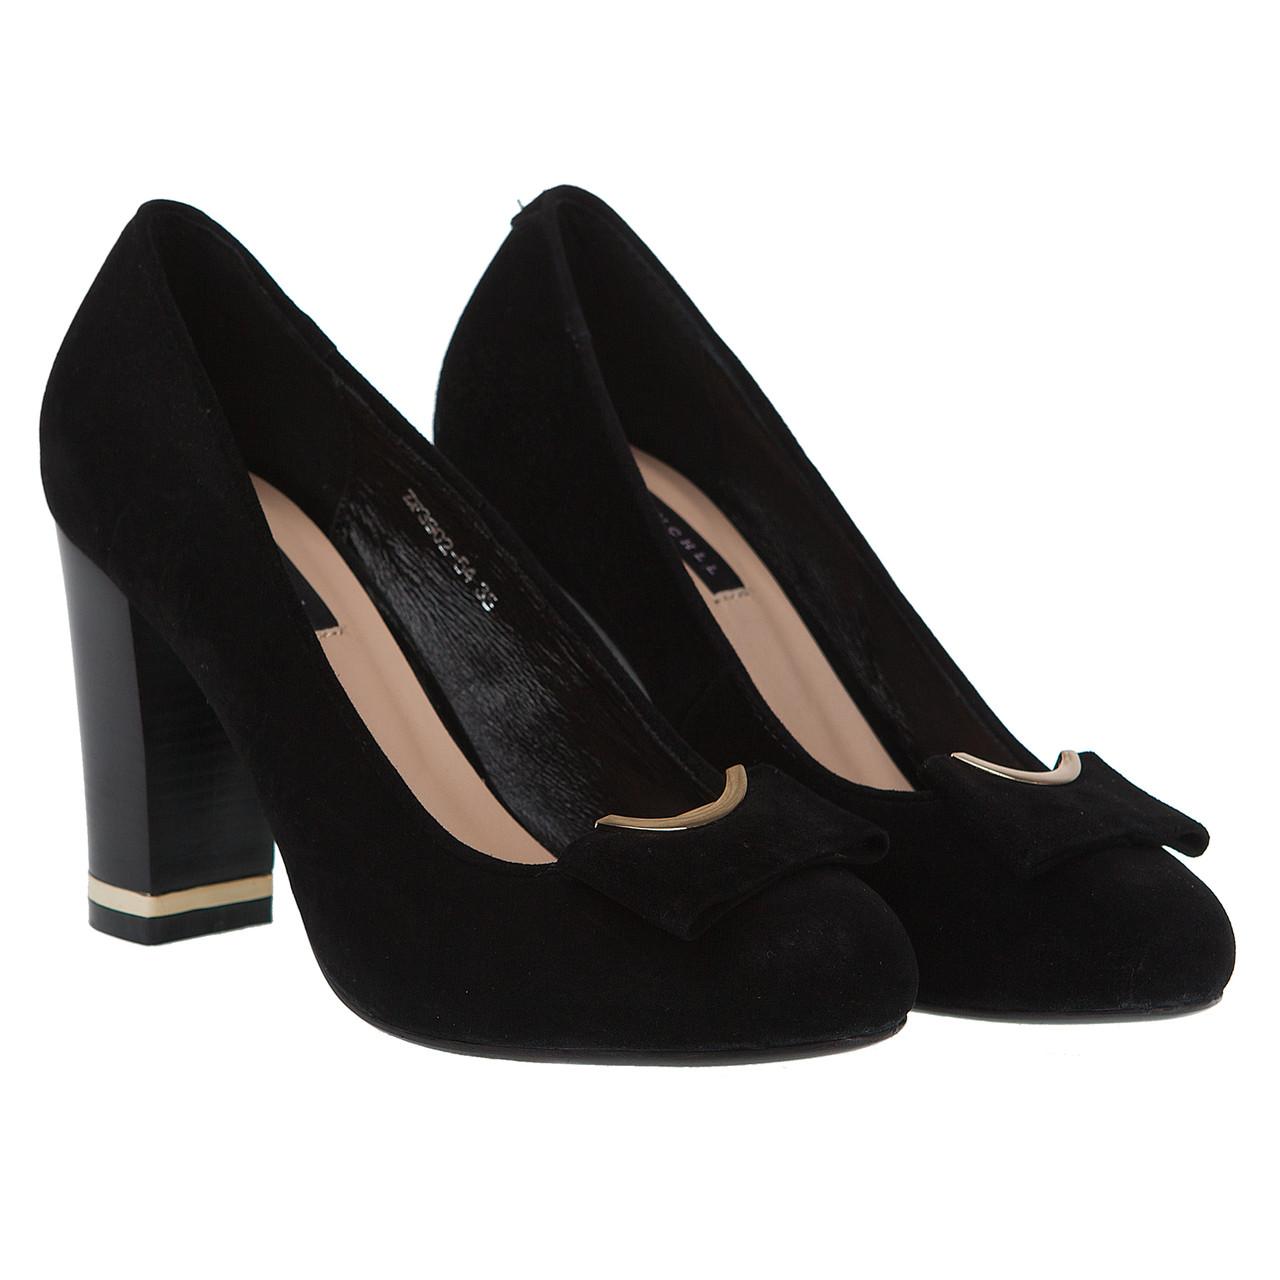 d8dc2400a Туфли женские Reuchll (замшевые, черные, весенние, летние, на среднем  каблуке, красивый бант)